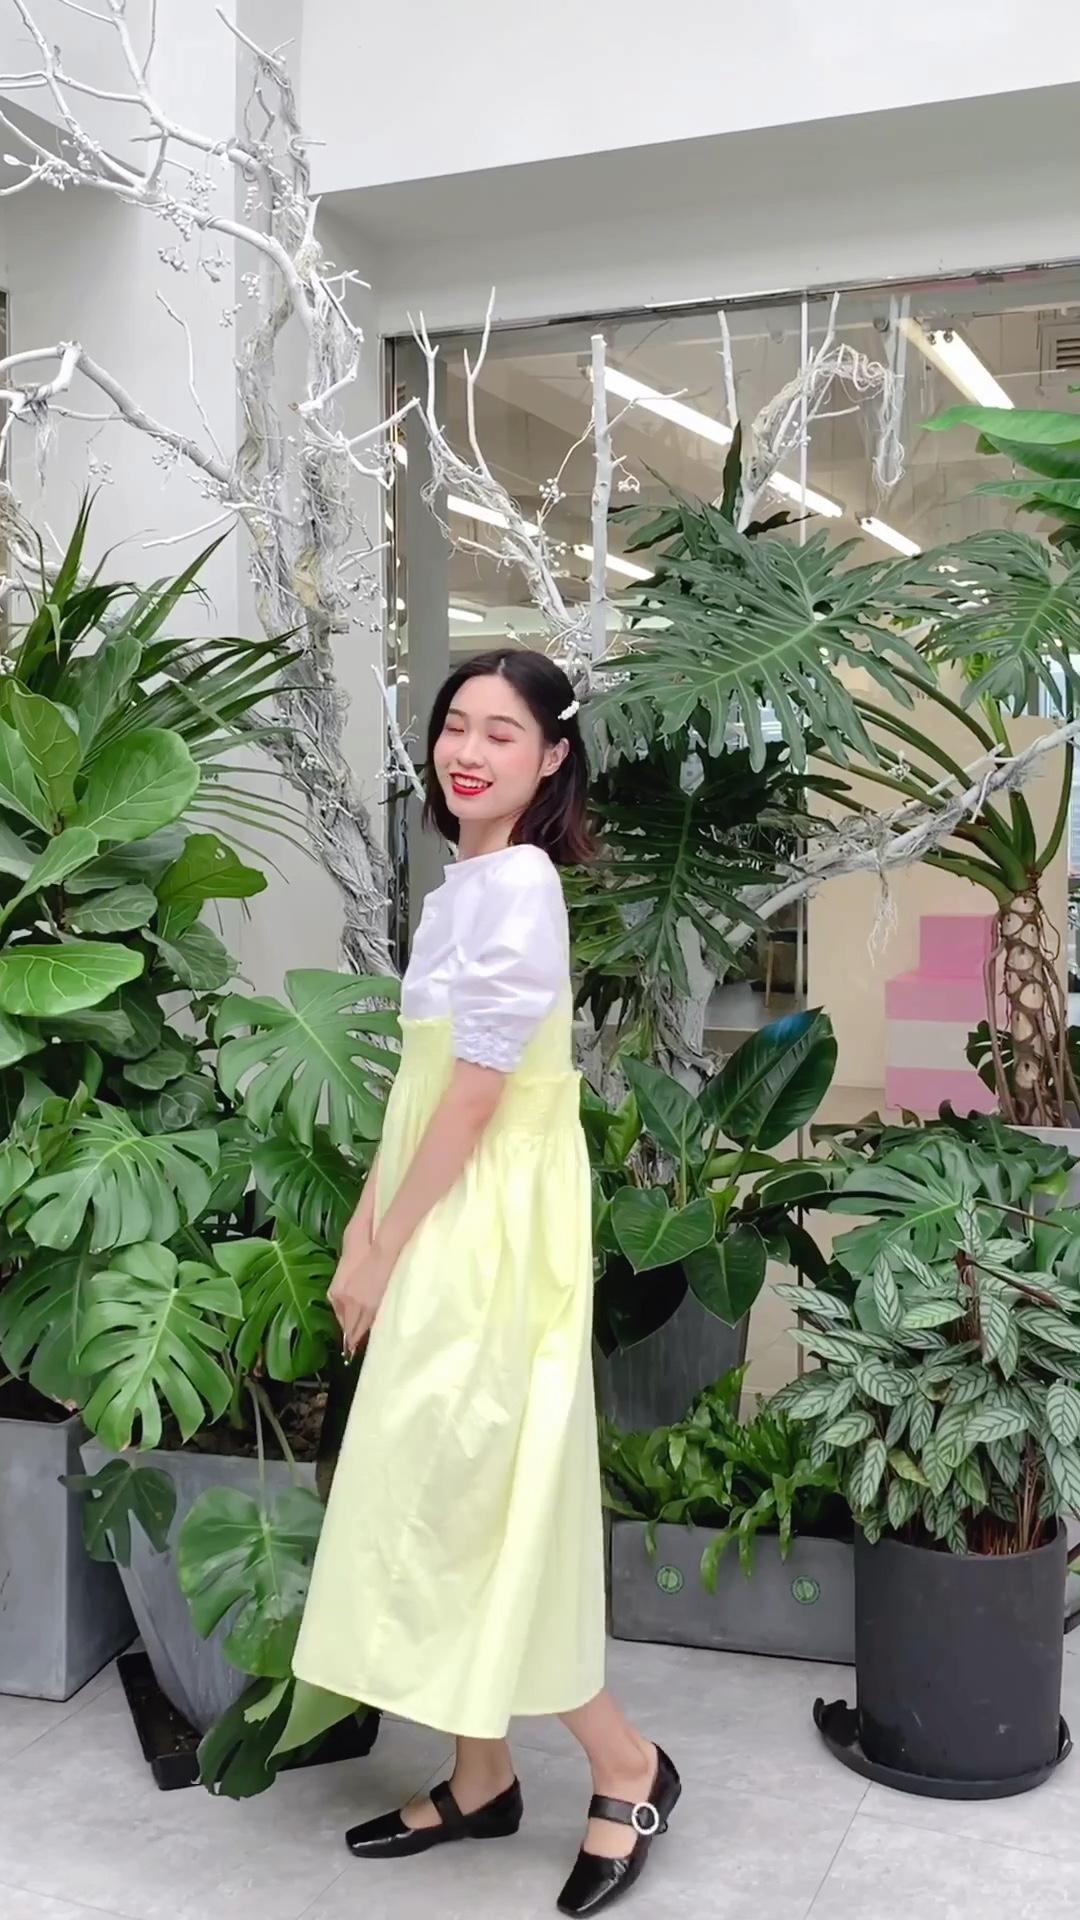 #日瘦15斤,一条裙子搞定!#  这套搭配很遮肉肉啦!是一条包容性极强的吊带裙,里面我搭配了一件白色衬衫,显得整个人可爱极了!